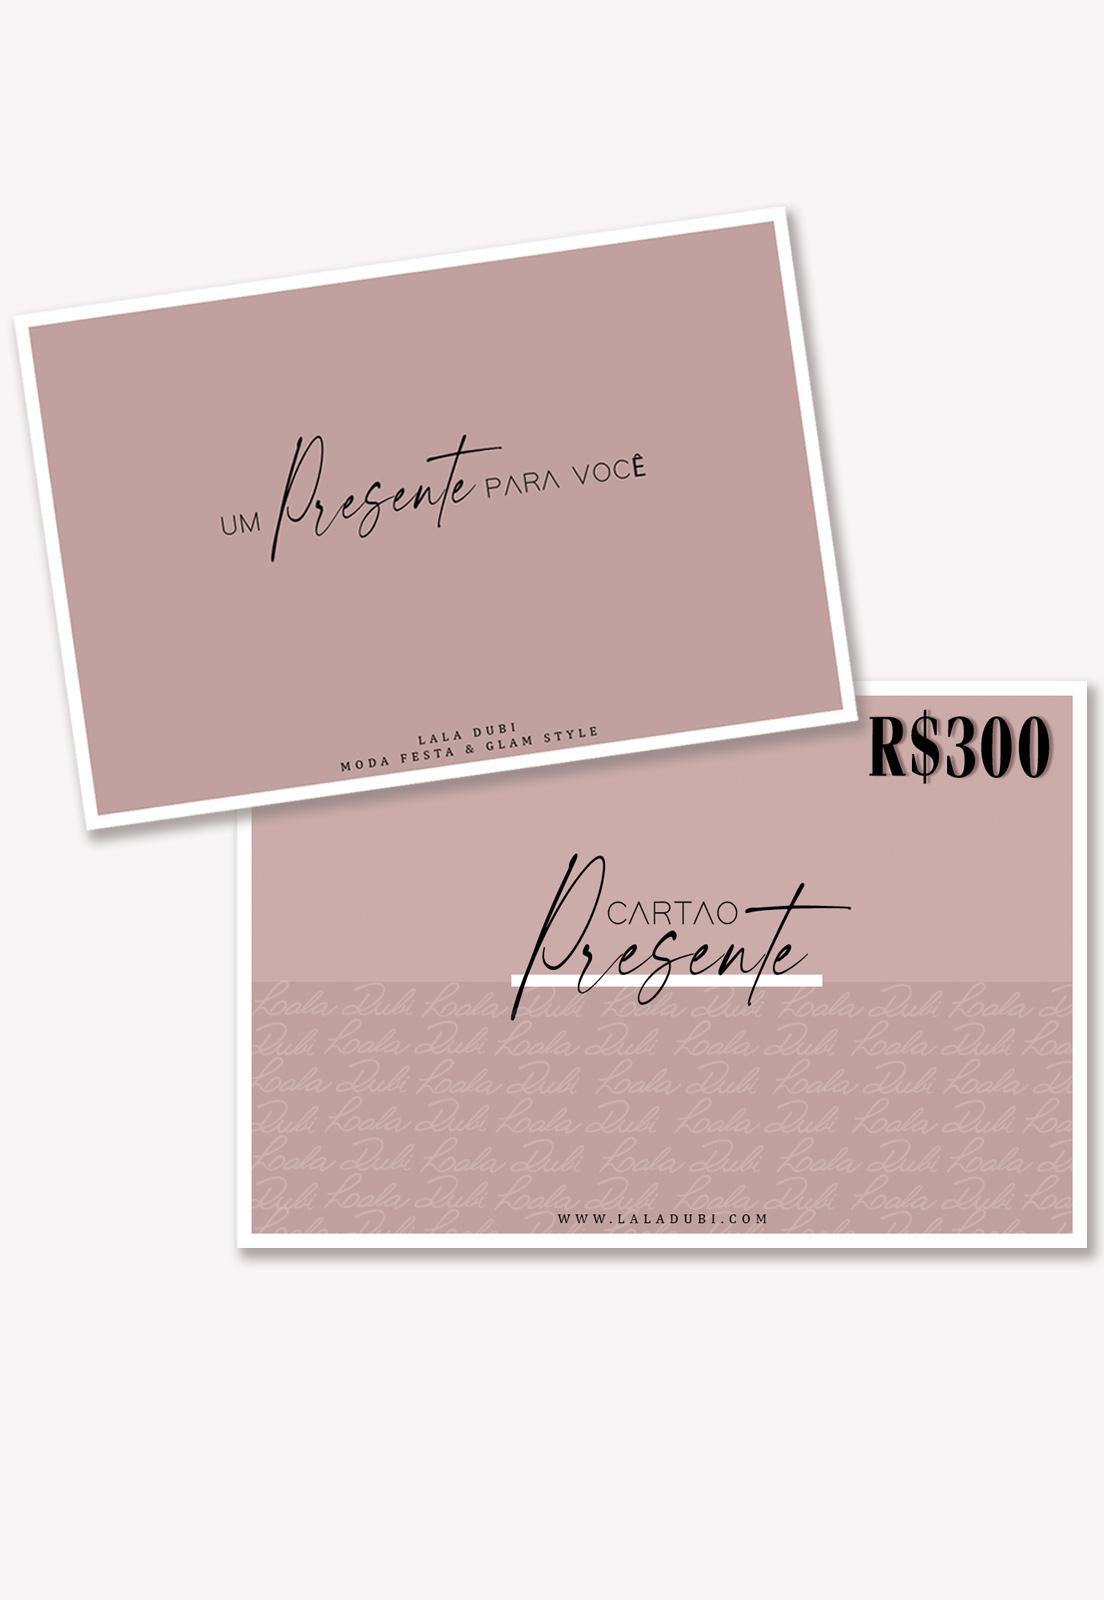 Cartão Presente Lala Dubi